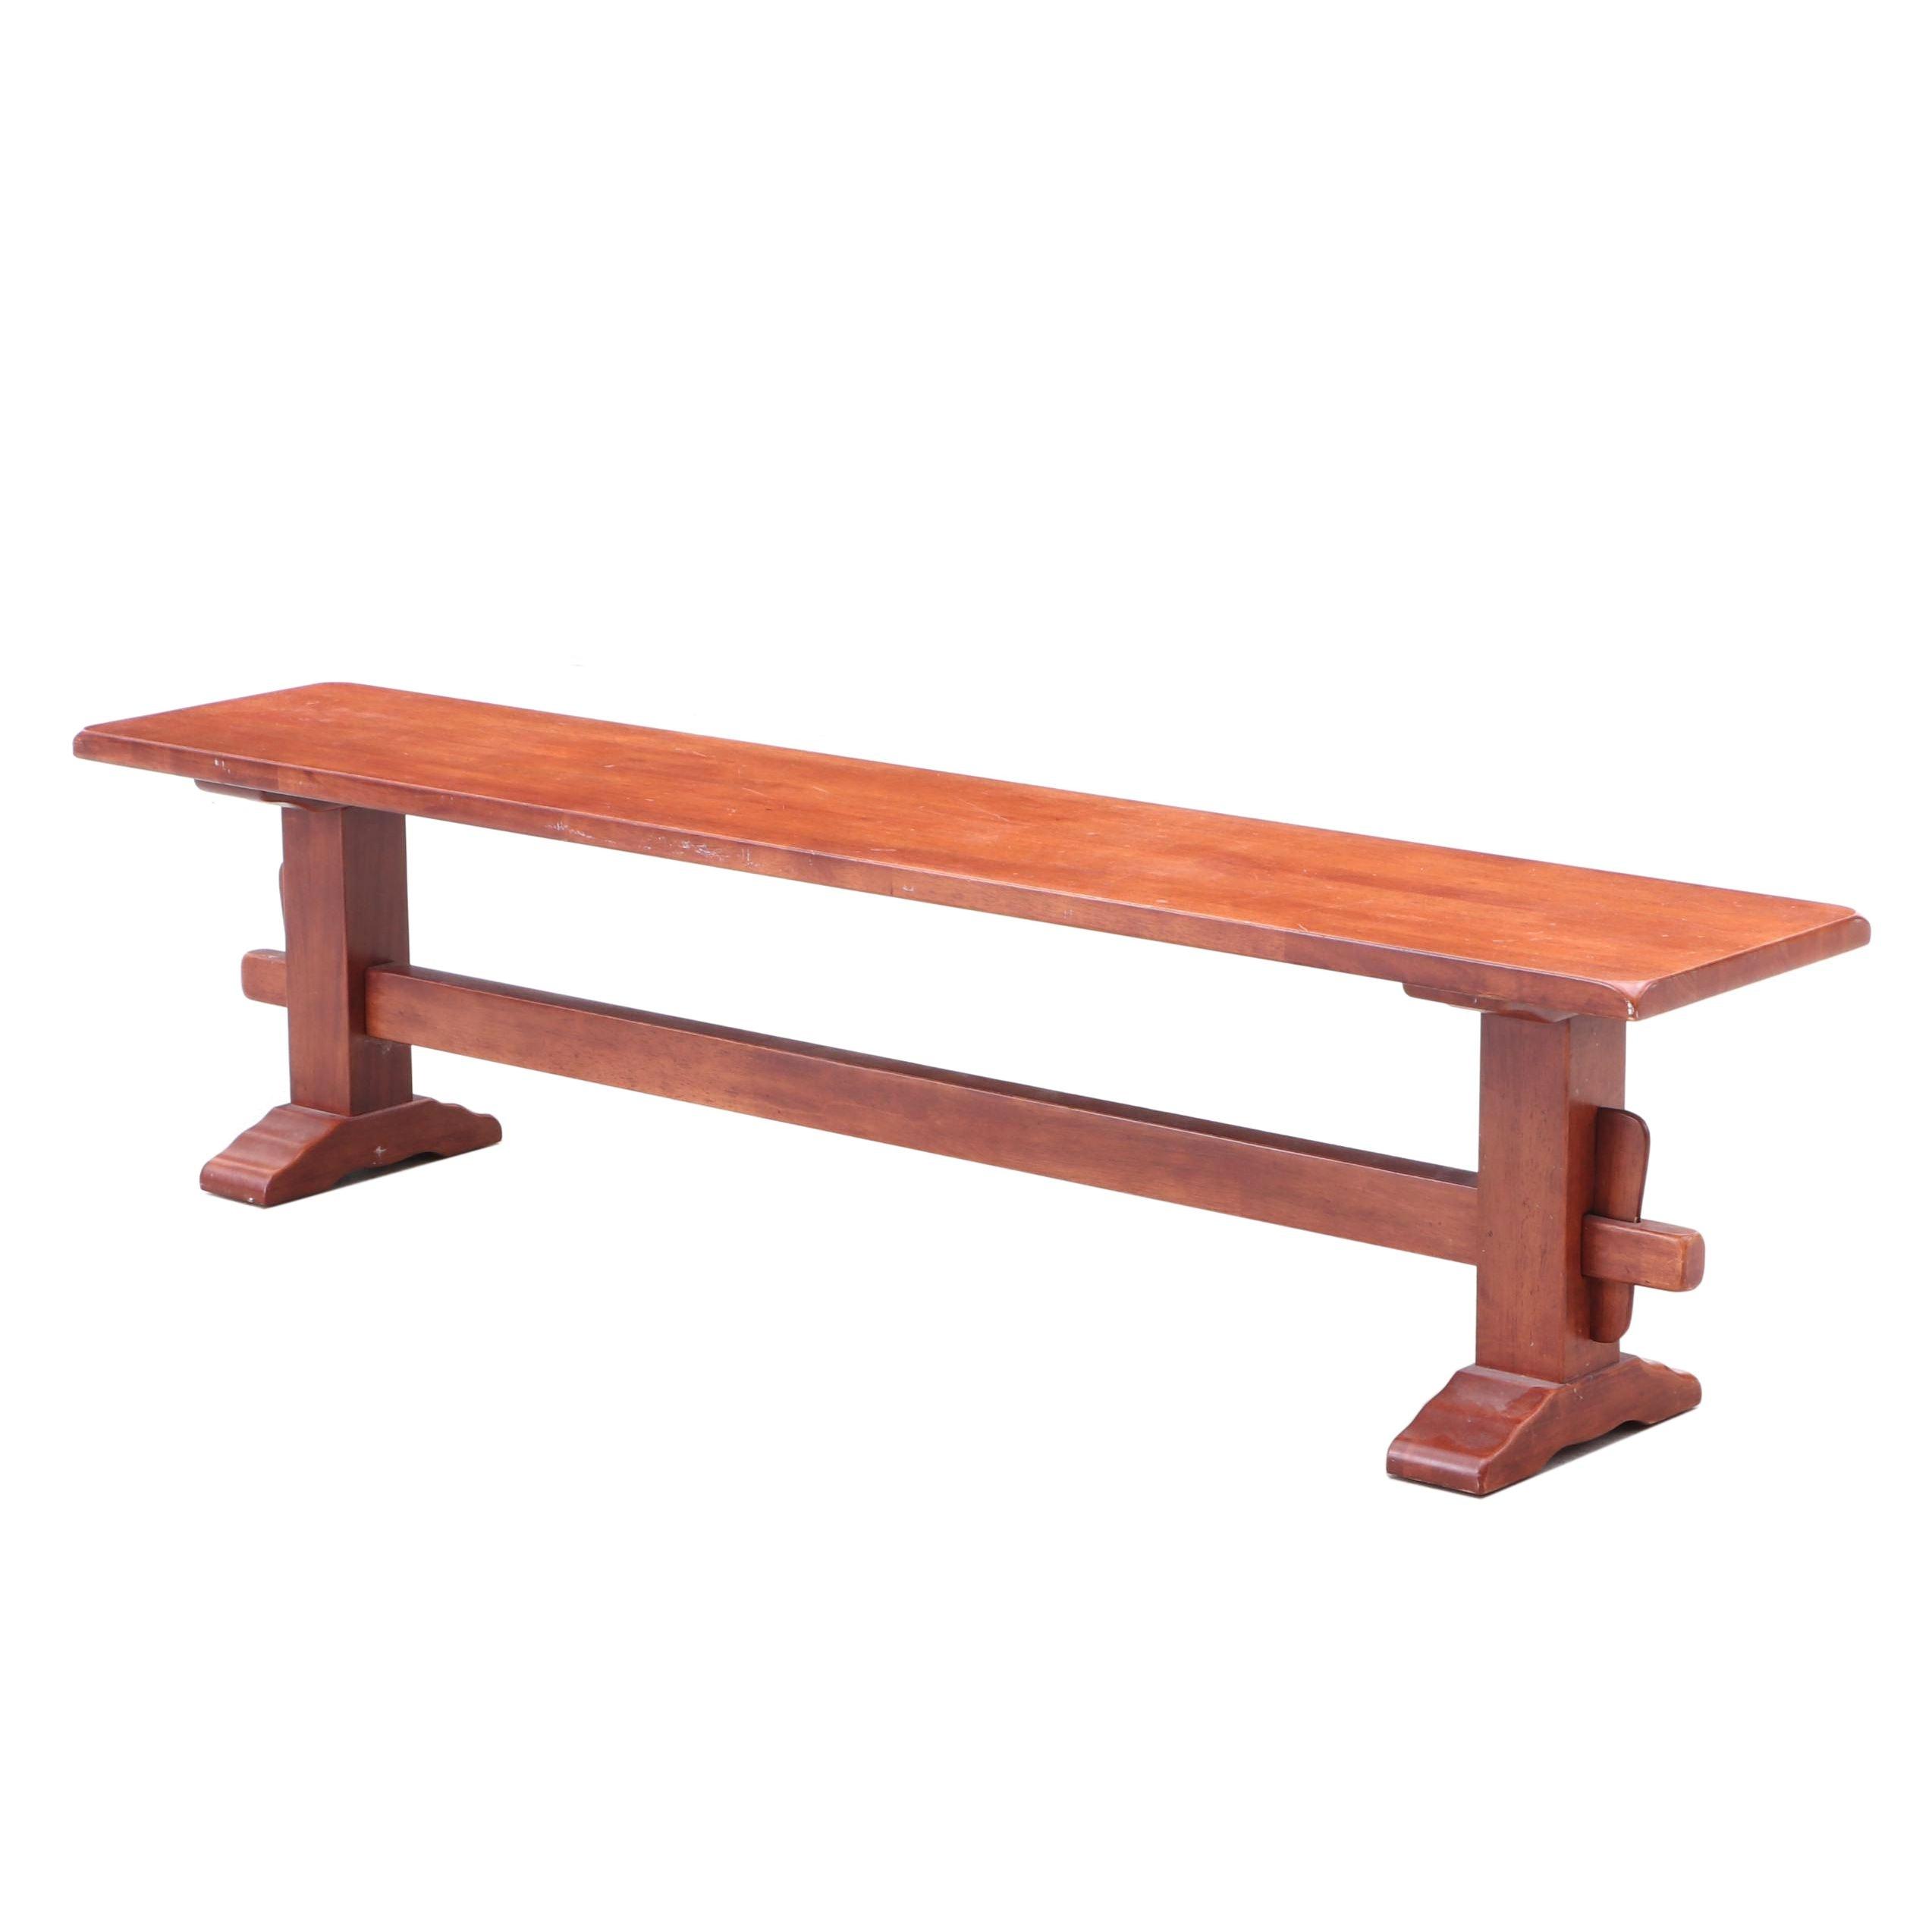 World Market Alder Bench, Contemporary